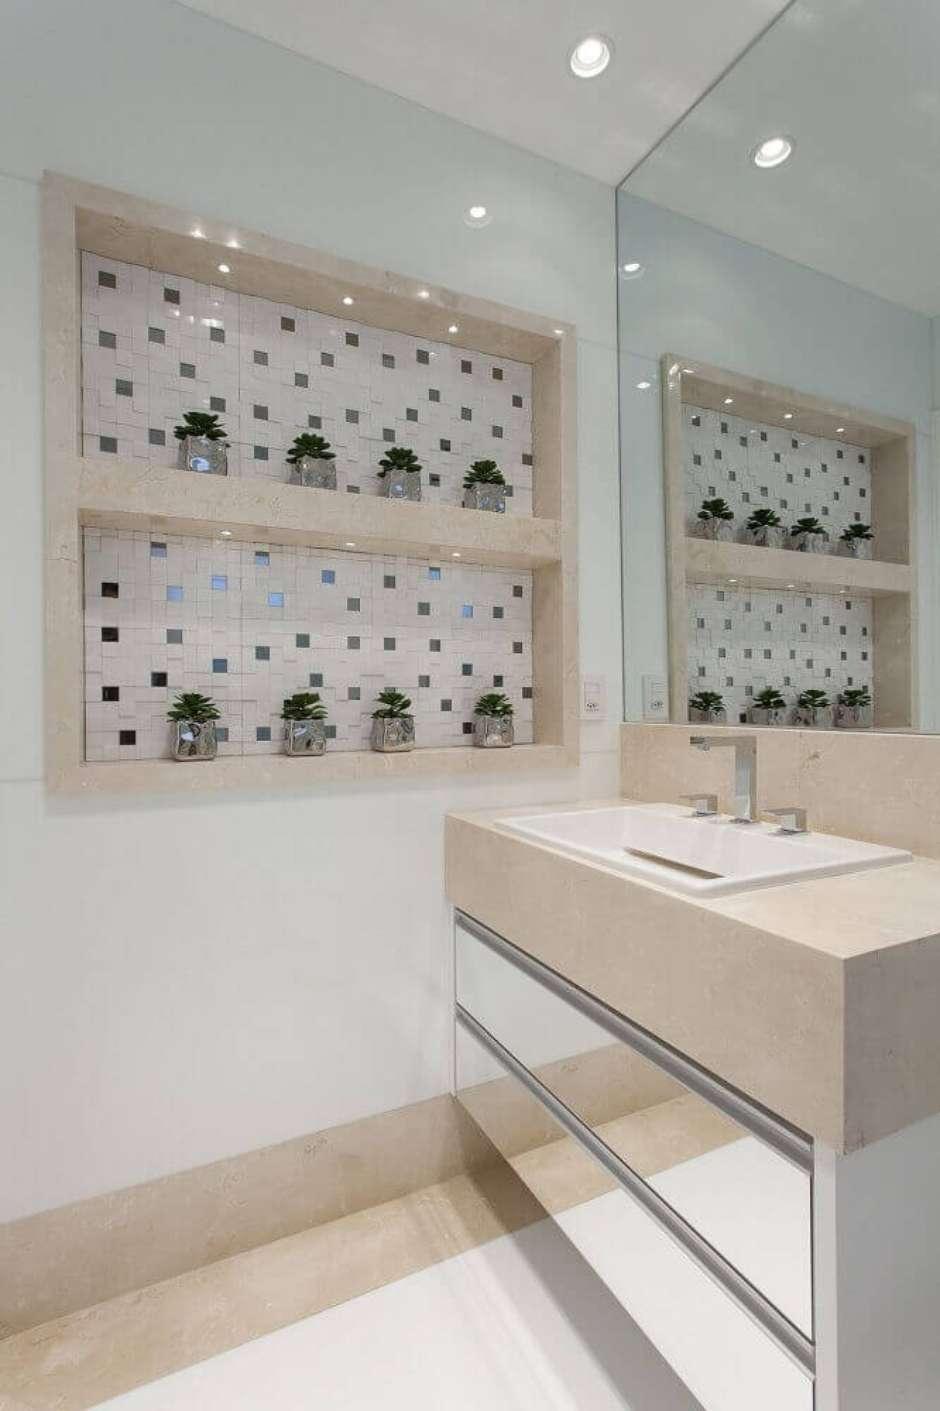 Quer Organizar O Banheiro Veja Dicas De Nichos E Decoração